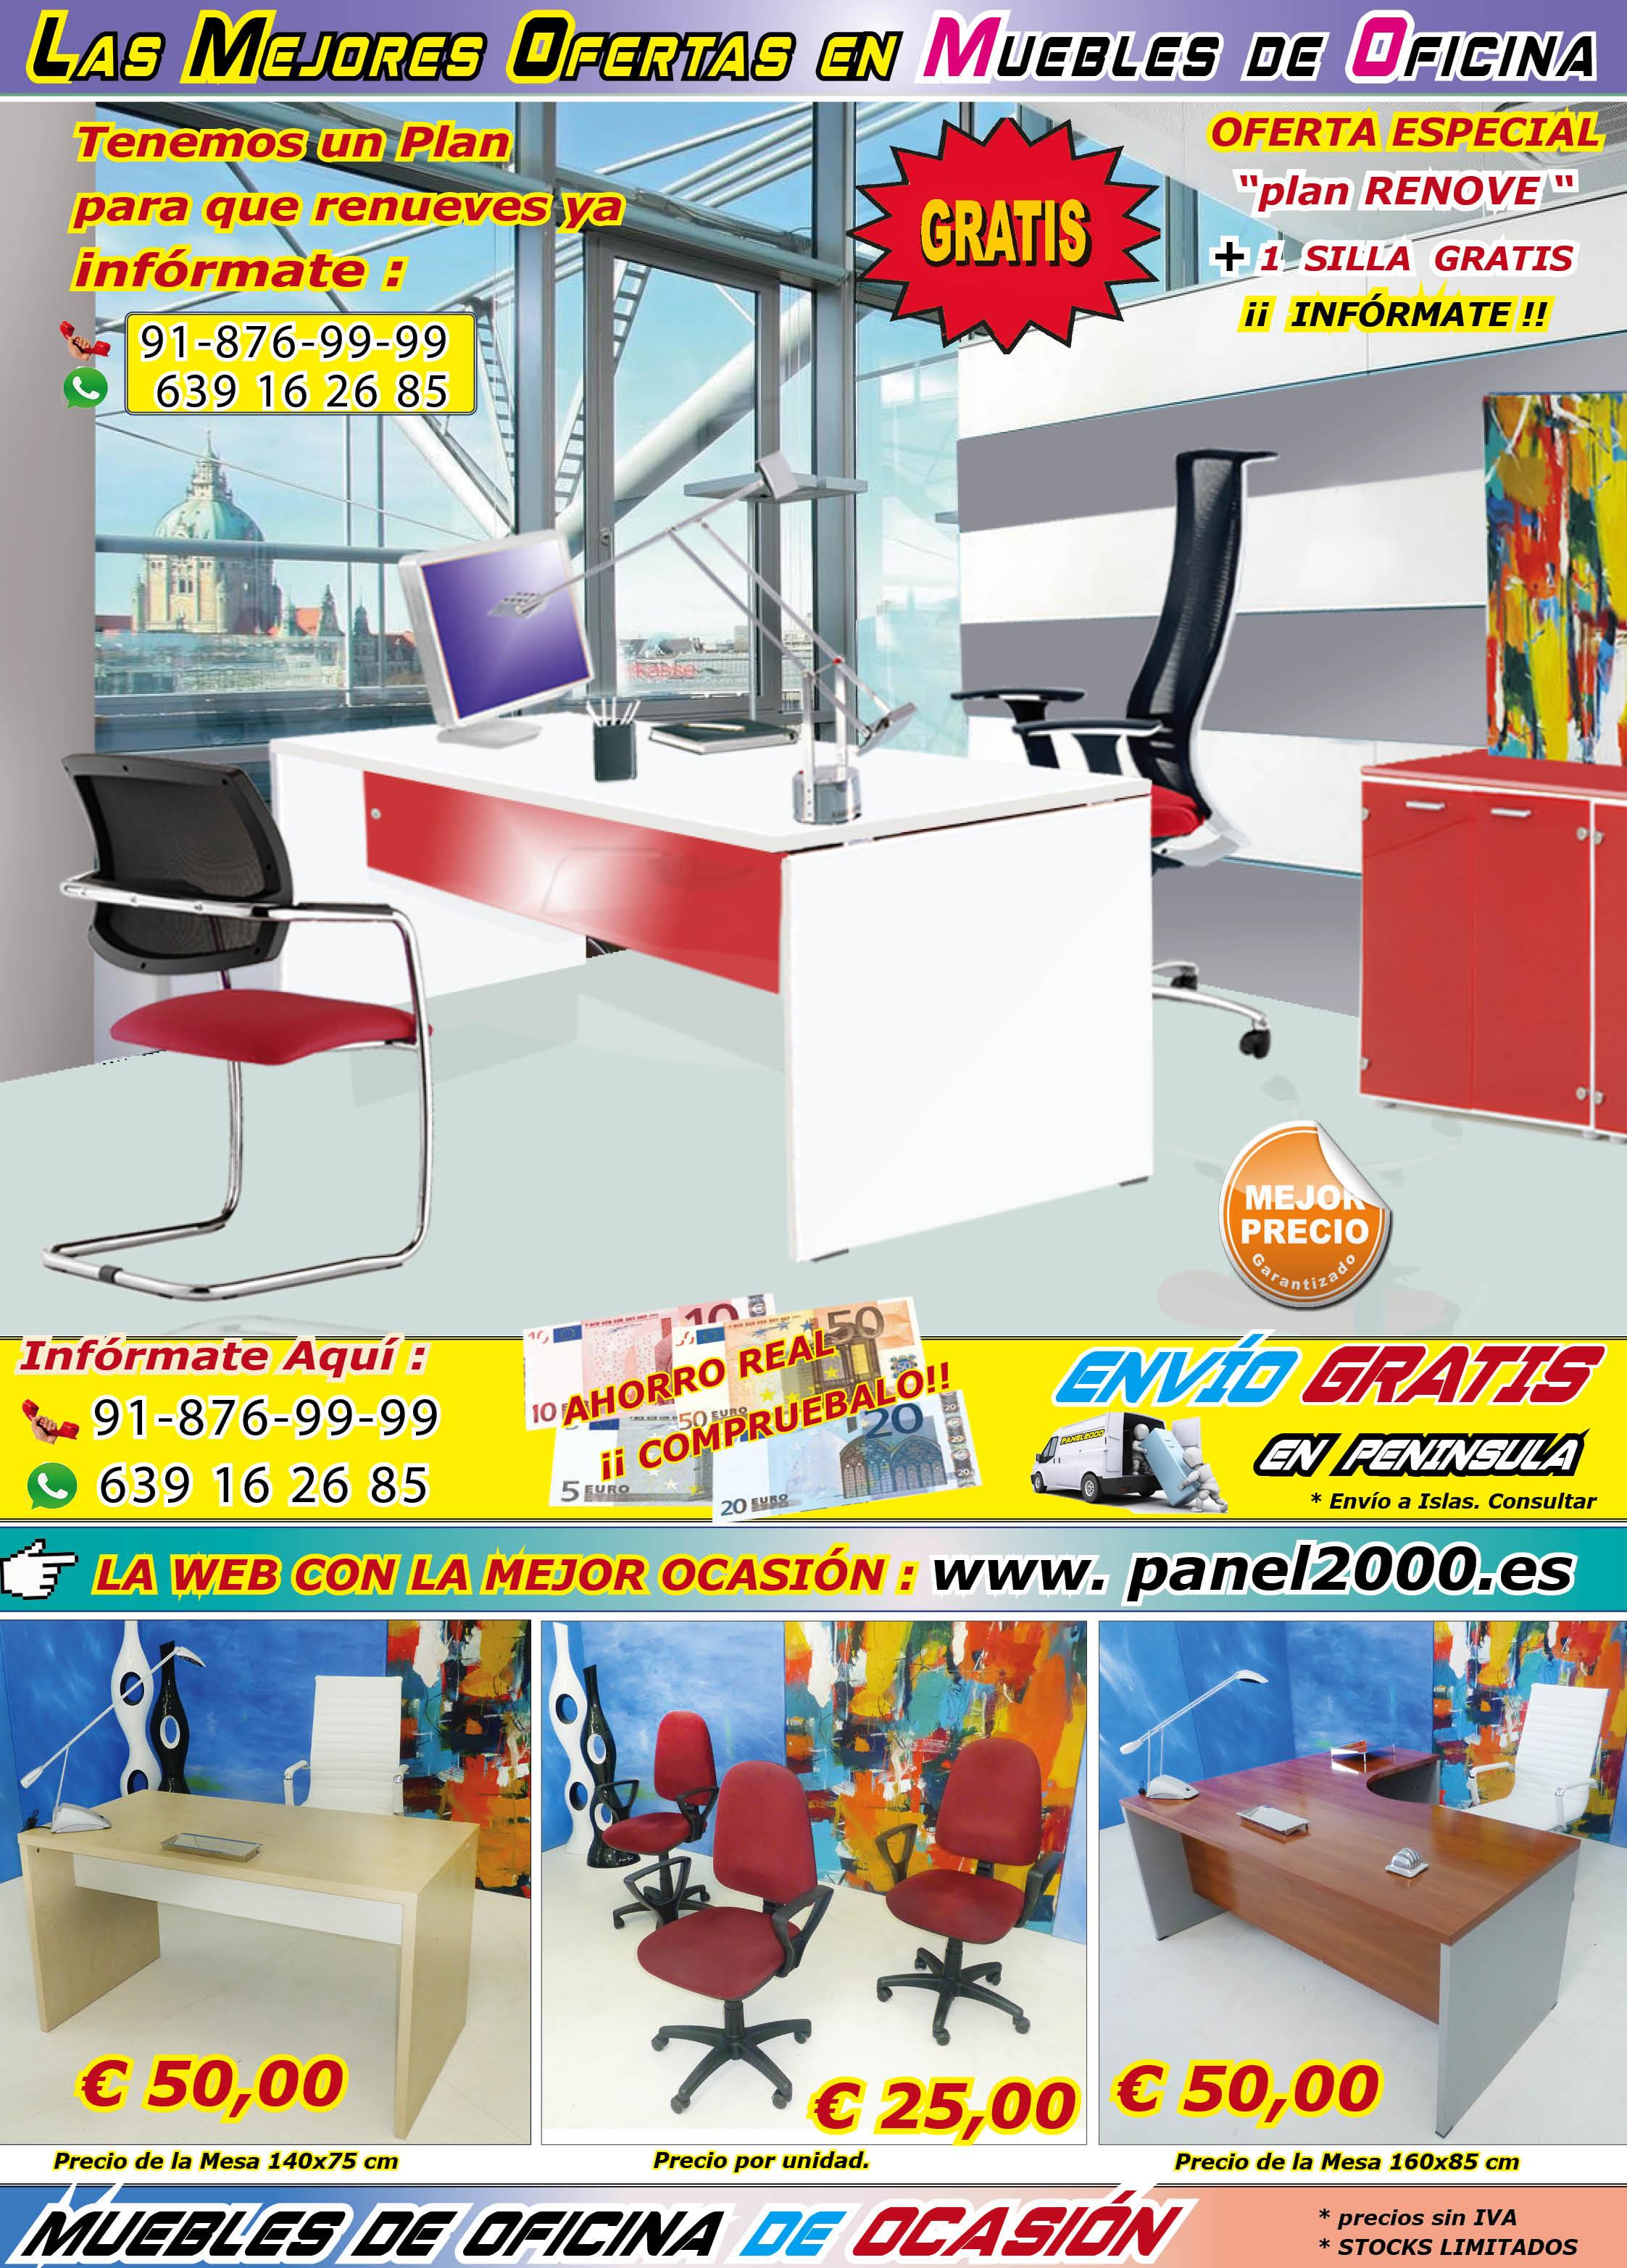 La mejor ocasi n en muebles de oficina wwwpanel2000 for Muebles oficina ocasion